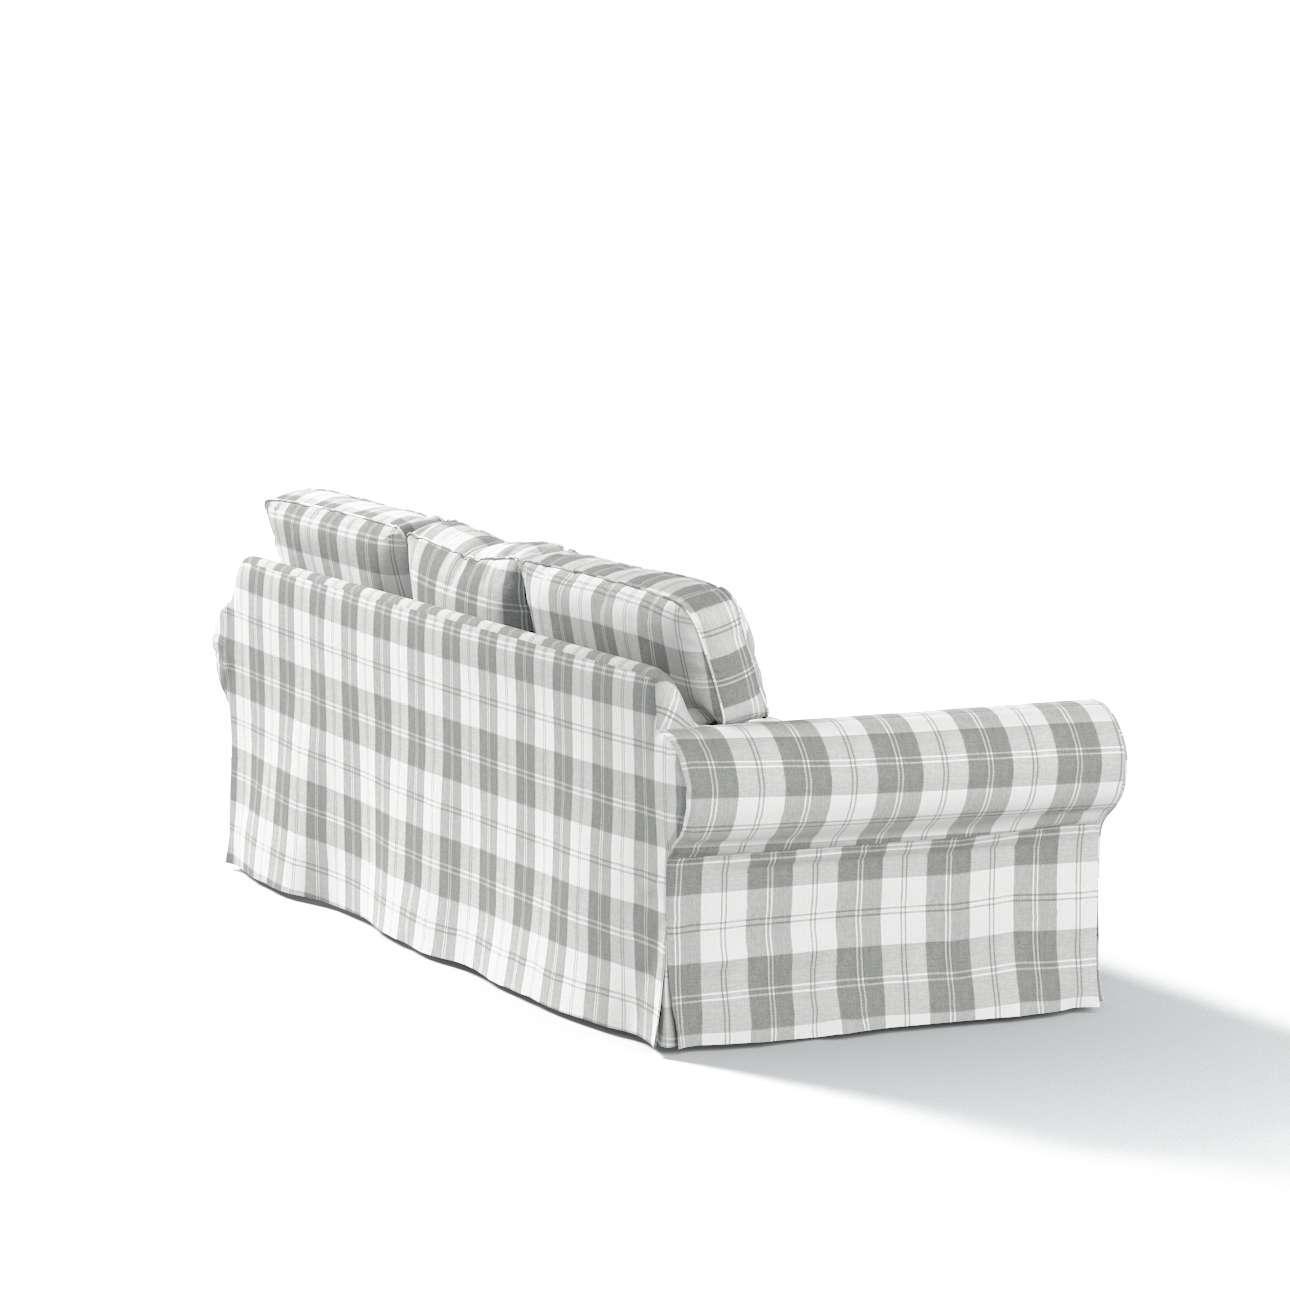 Pokrowiec na sofę Ektorp 3-osobową, rozkładaną NOWY MODEL 2013 Ektorp 3-os rozkładany nowy model 2013 w kolekcji Edinburgh, tkanina: 115-79